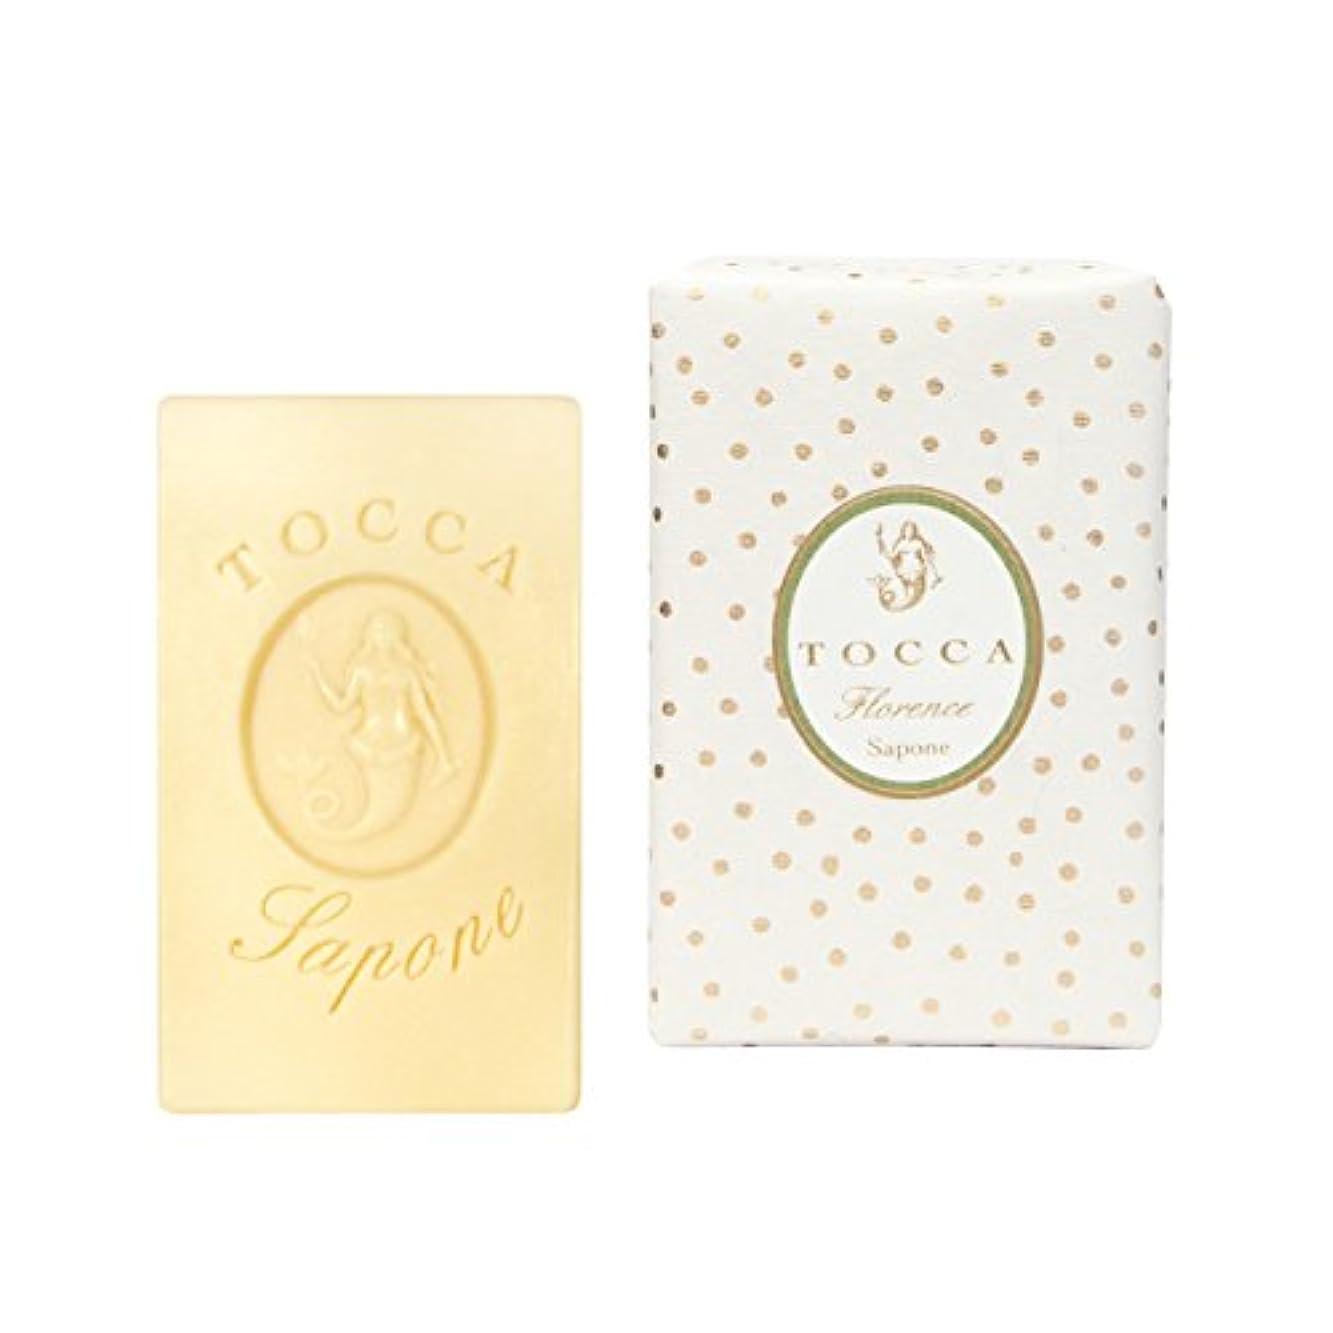 できれば繊維アクセシブルトッカ(TOCCA) ソープバーフローレンスの香り 113g(石けん 化粧石けん ガーデニアとベルガモットが誘うように溶け合うどこまでも上品なフローラルの香り)